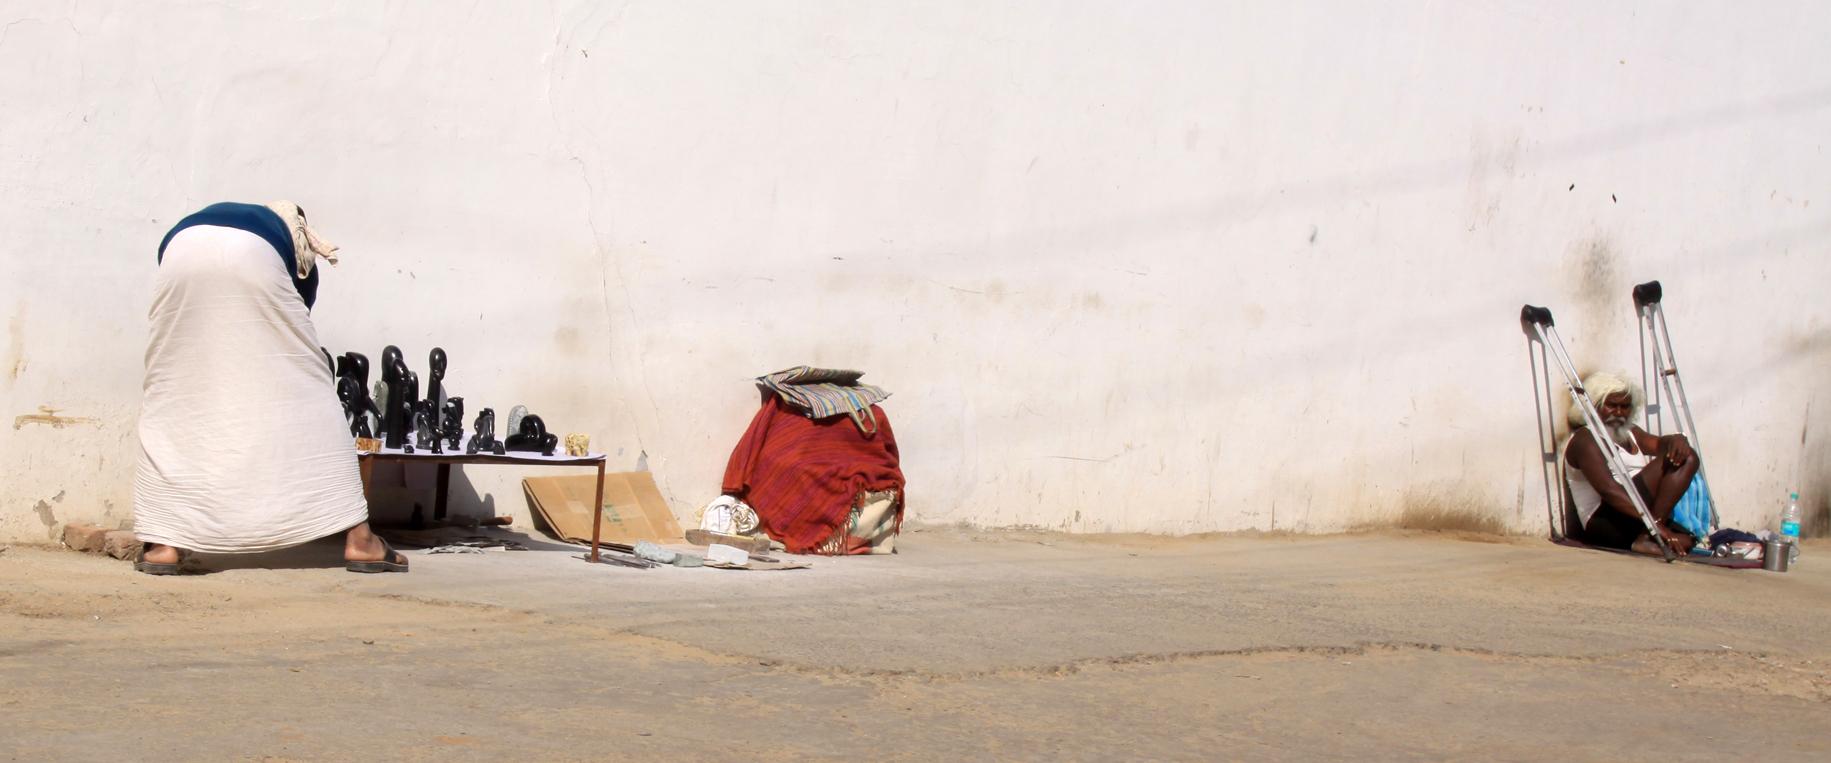 Pushkar - auf der Straße